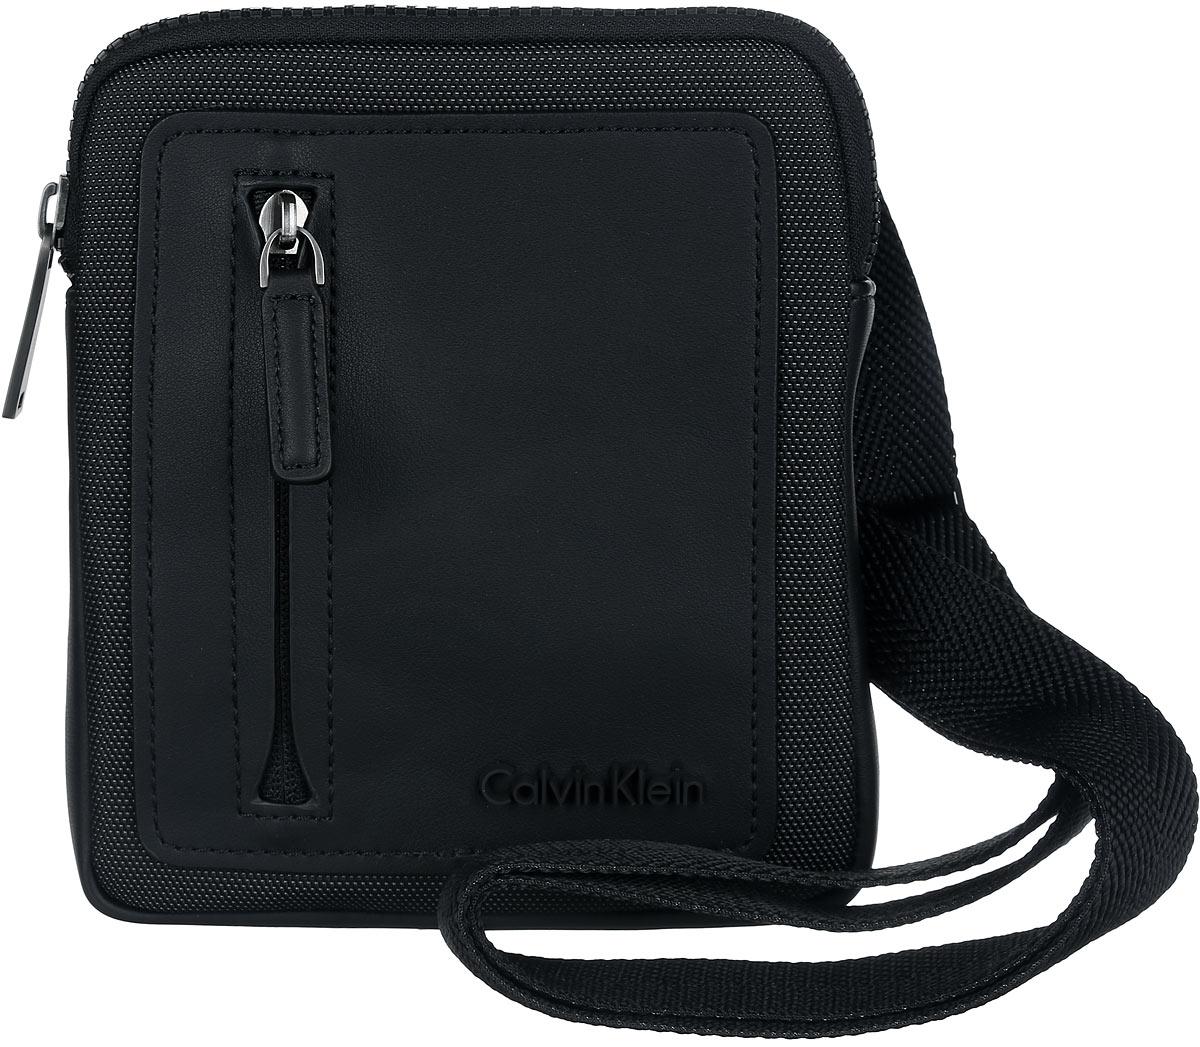 Сумка мужская Calvin Klein Jeans, цвет: черный. K50K501607_0010K50K501607_0010Стильная сумка Calvin Klein выполнена из полиуретана и текстиля, оформлена символикой бренда.Изделие содержит одно отделение, которое закрывается на застежку-молнию. Внутри сумки размещены накладной кармашек для мелочей и врезной карман на застежке-молнии. Сумка оснащена плечевым ремнем регулируемой длины. Лицевая сторона дополнена накладным карманом на молнии. В комплекте с изделием поставляется чехол для хранения.Модная сумка идеально подчеркнет ваш неповторимый стиль.